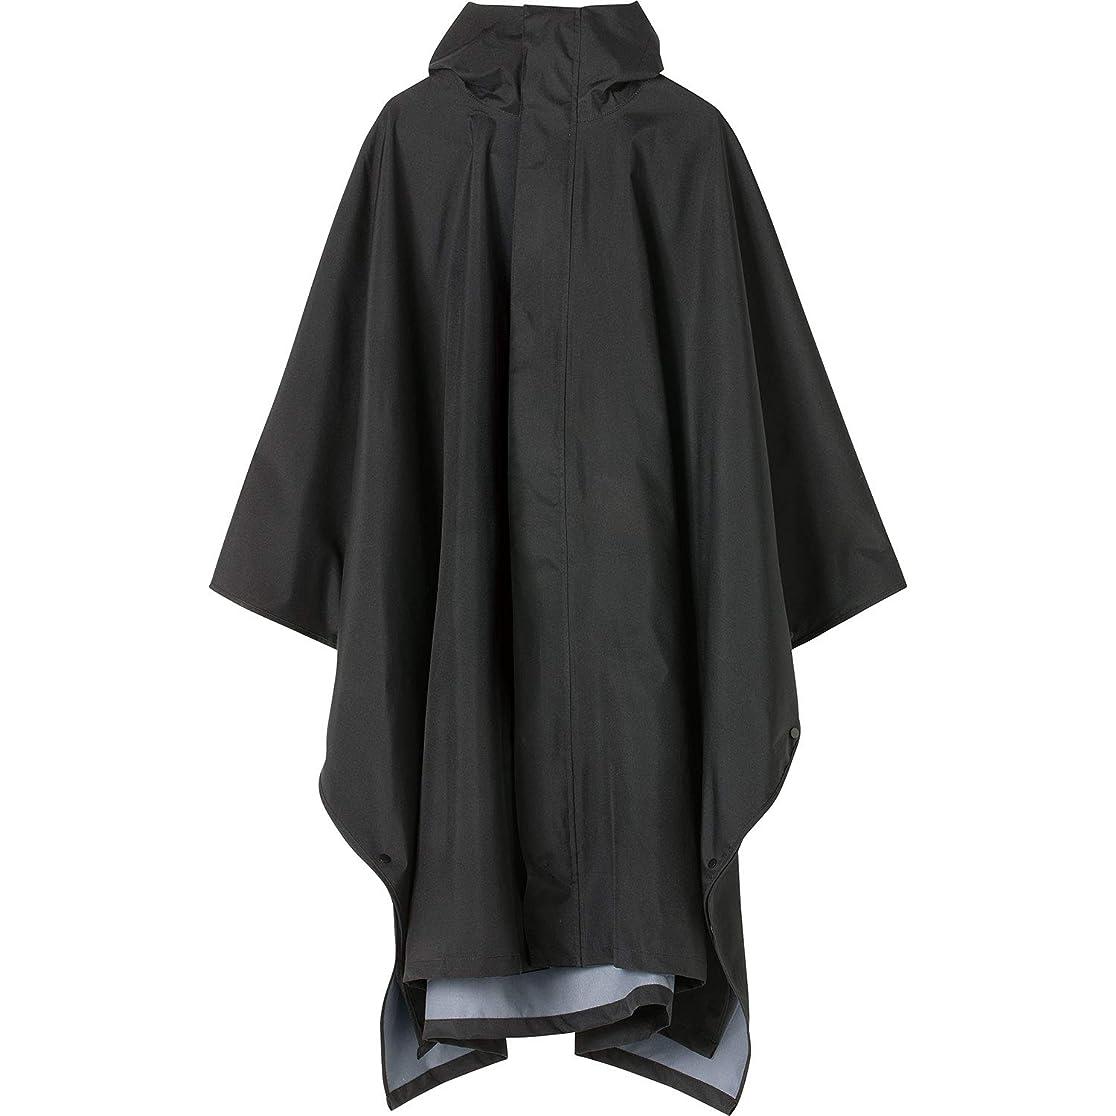 クリエイティブ病気忘れっぽいワールドパーティー(Wpc.) キウ(KiU) レインポンチョ ブラック cm [KiU RAIN PONCHO MIGHTY] K104-900